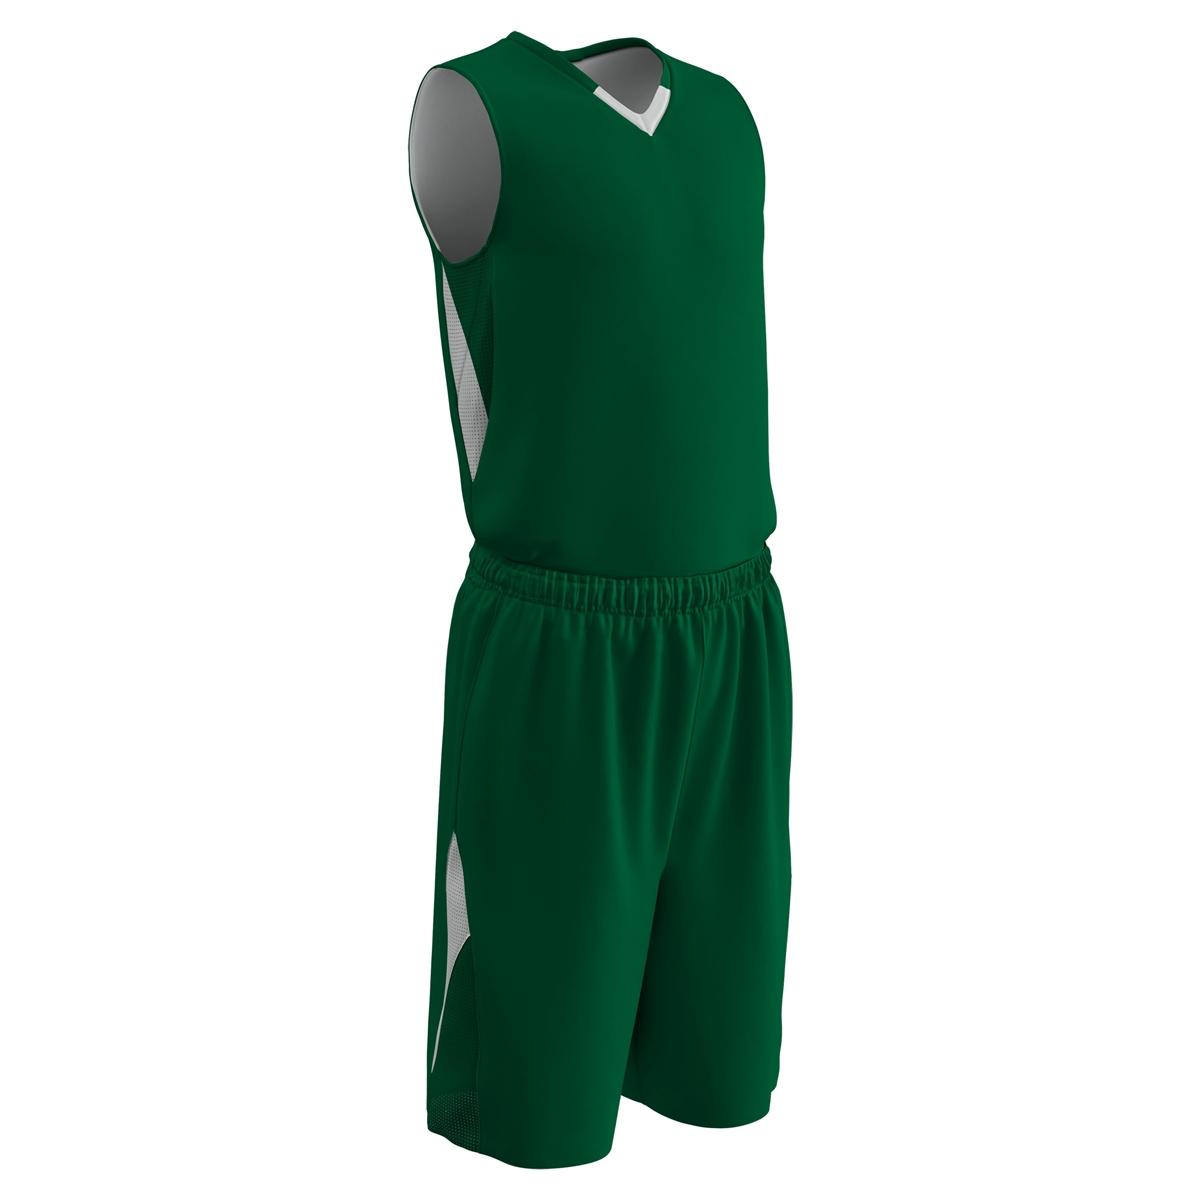 db7260995 Champro Pivot Reversible Basketball Jersey